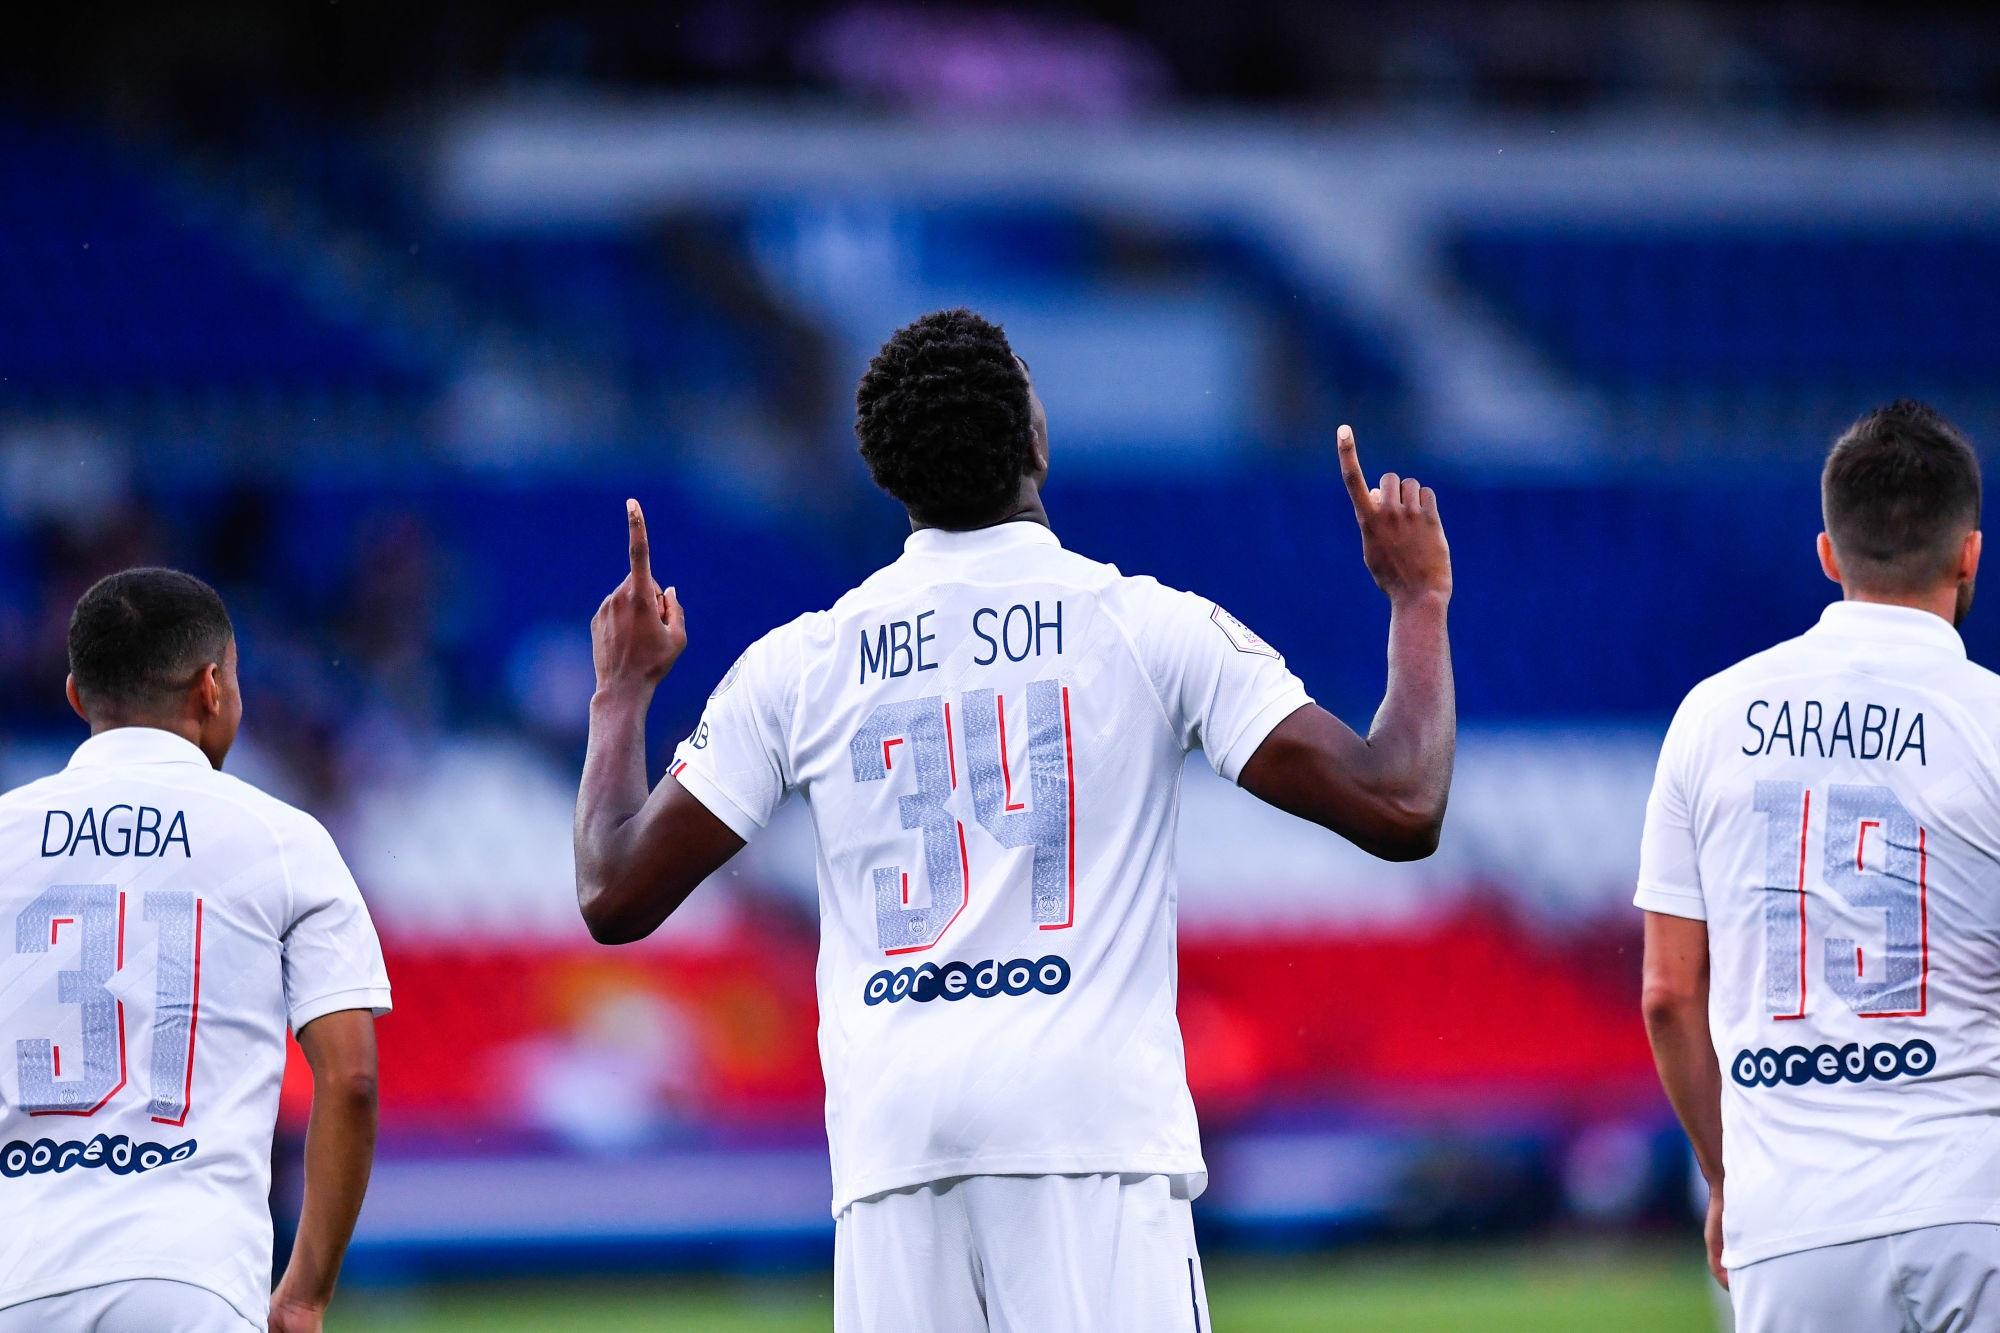 """PSG/Waasland-Beveren - Mbe Soh évoque le travail de l'équipe et """"une immense fierté"""""""